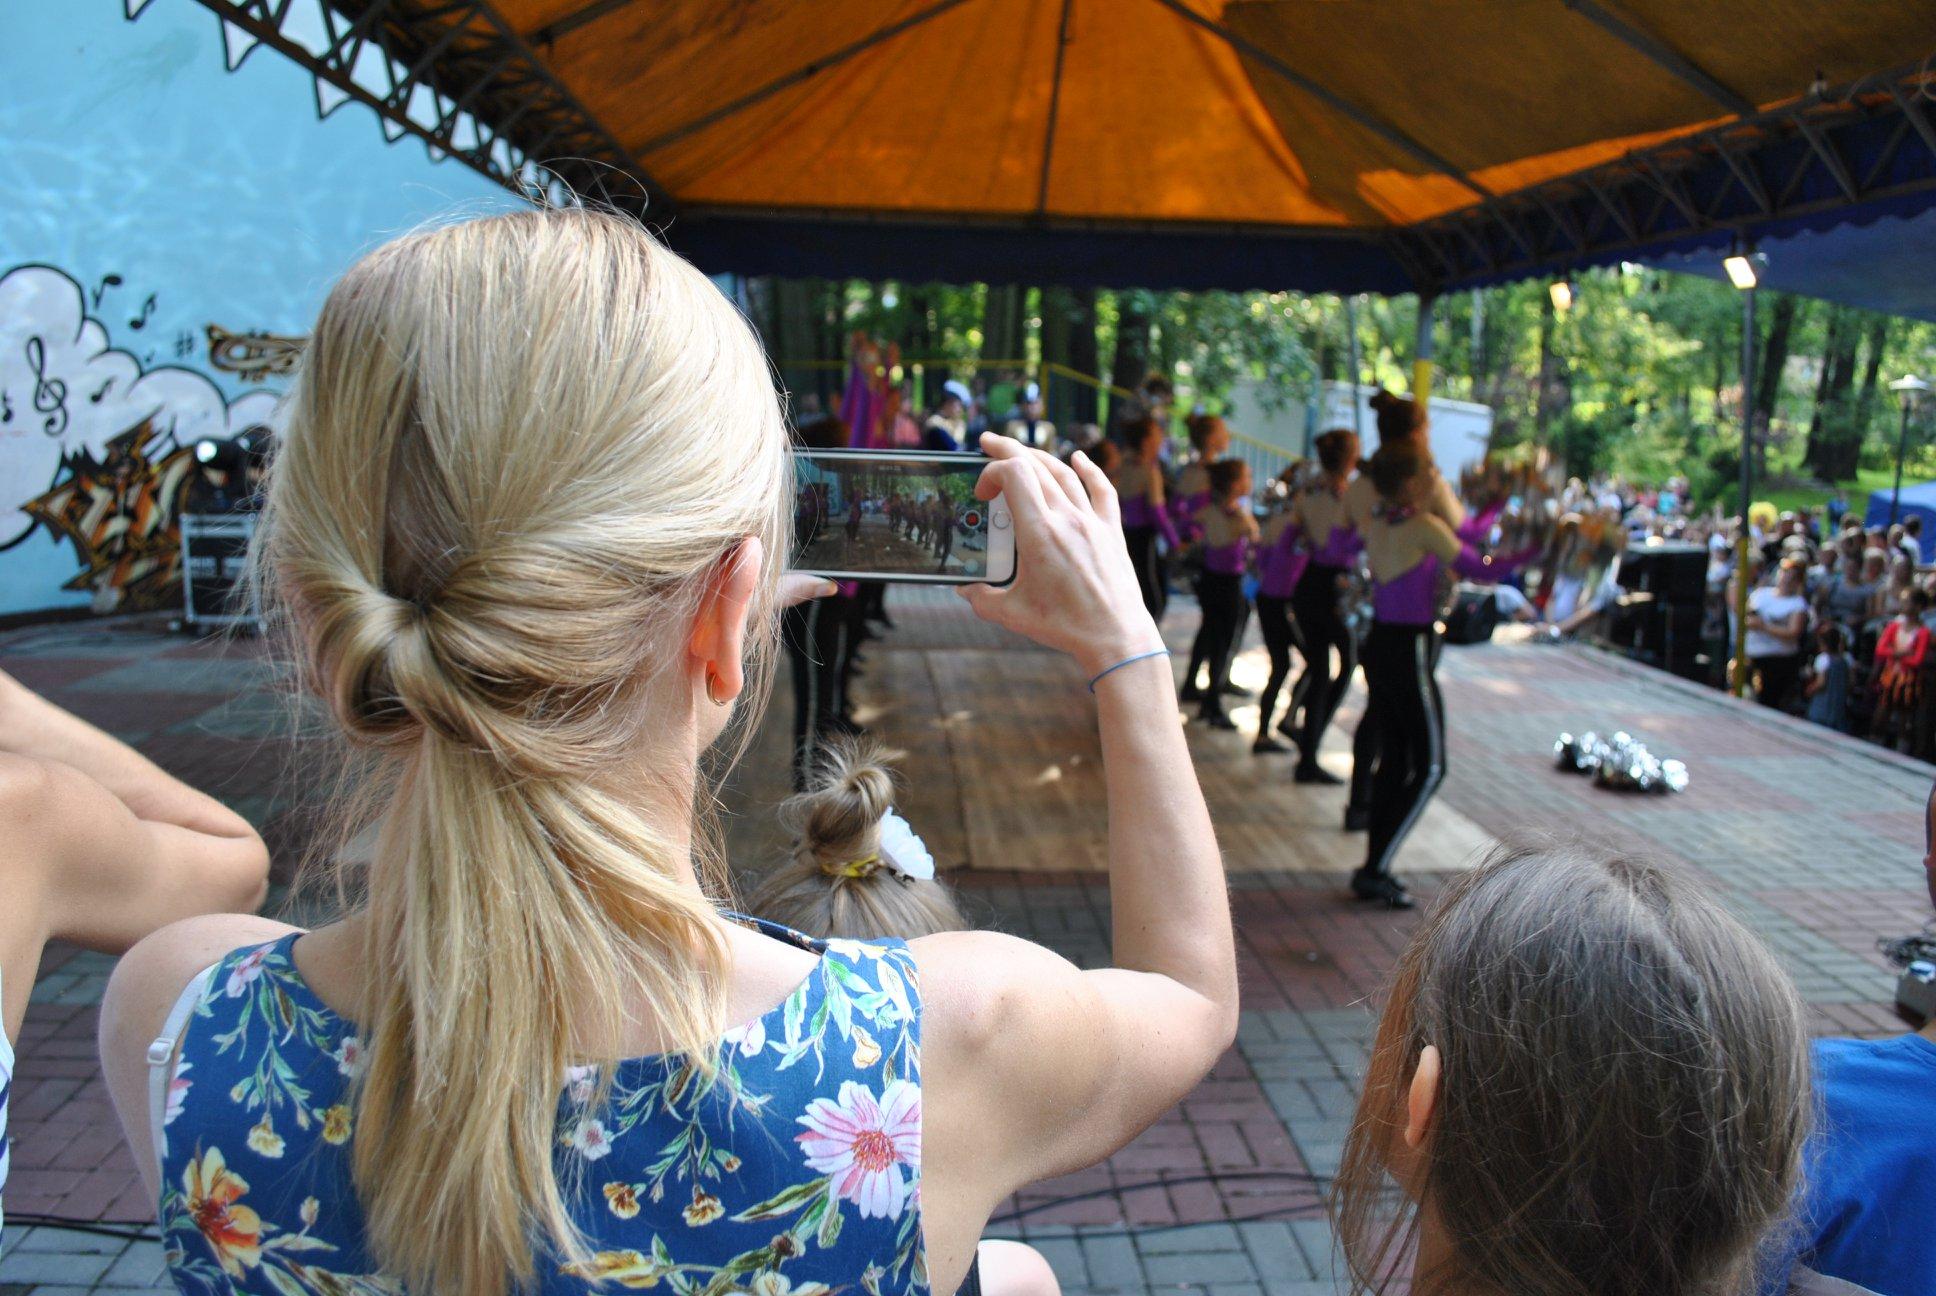 kobieta robi zdjęcie mażoretką na scenie